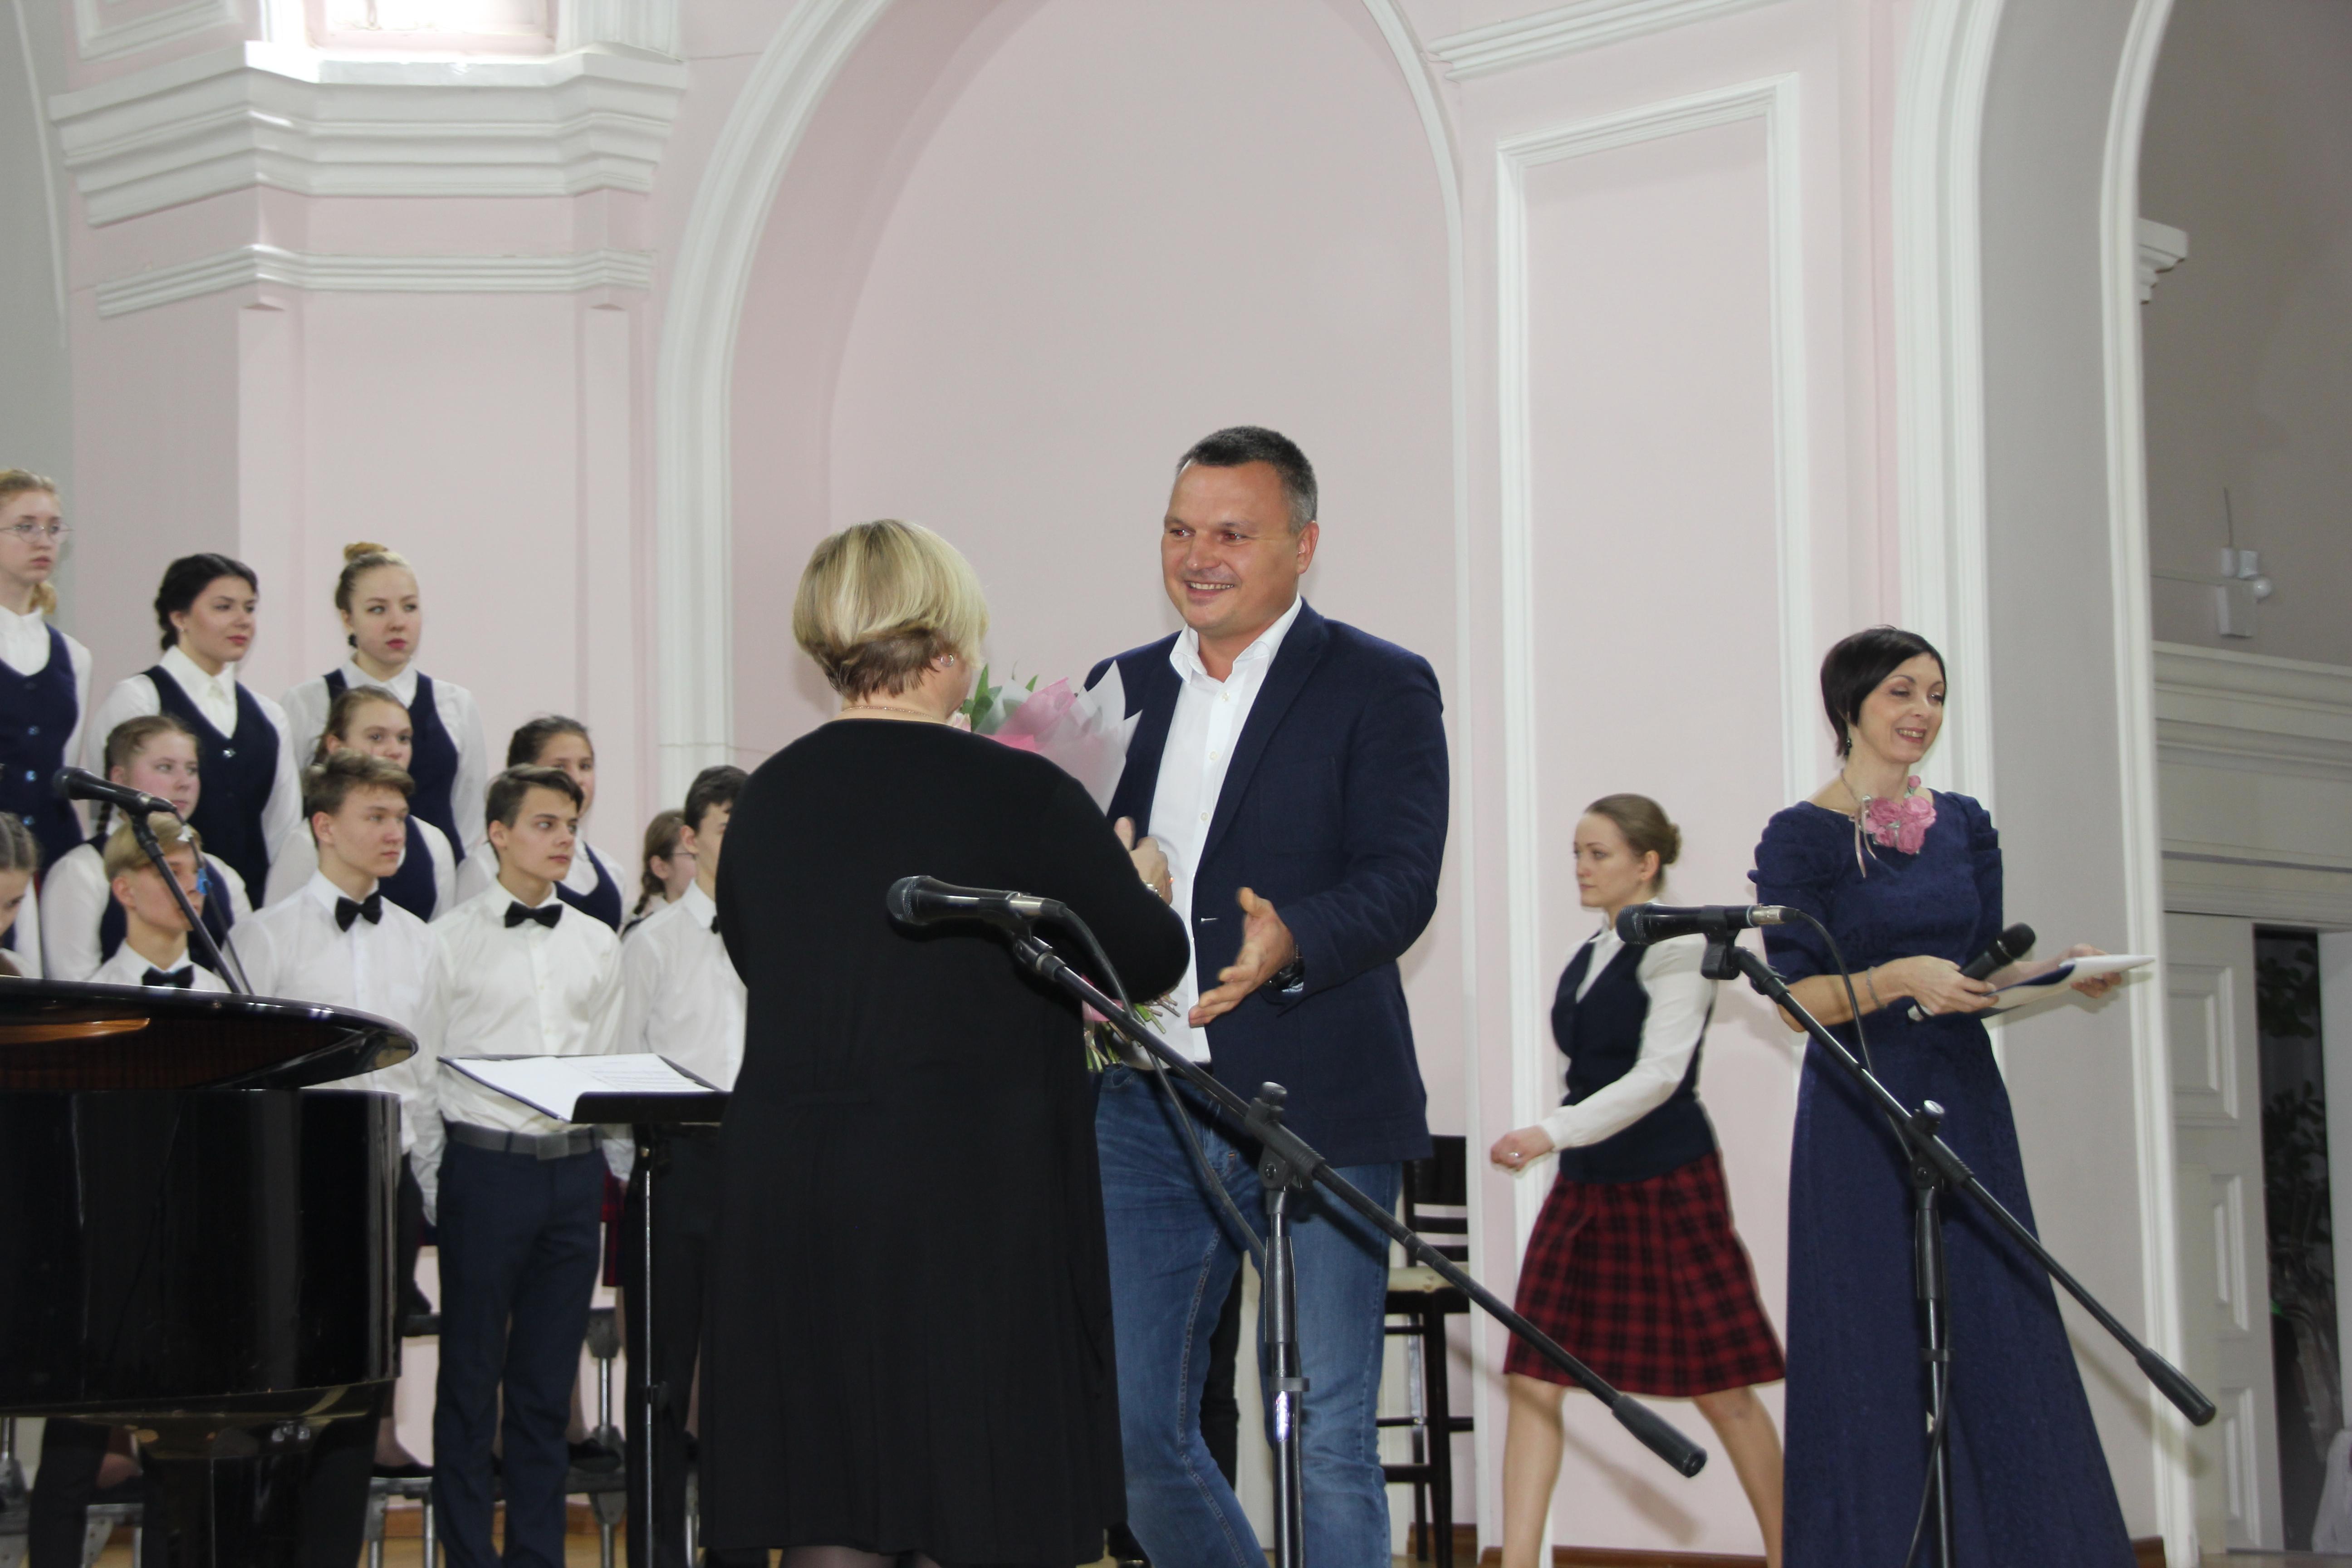 канцтоваров концерт в томске декабрь дилер Компании Металл